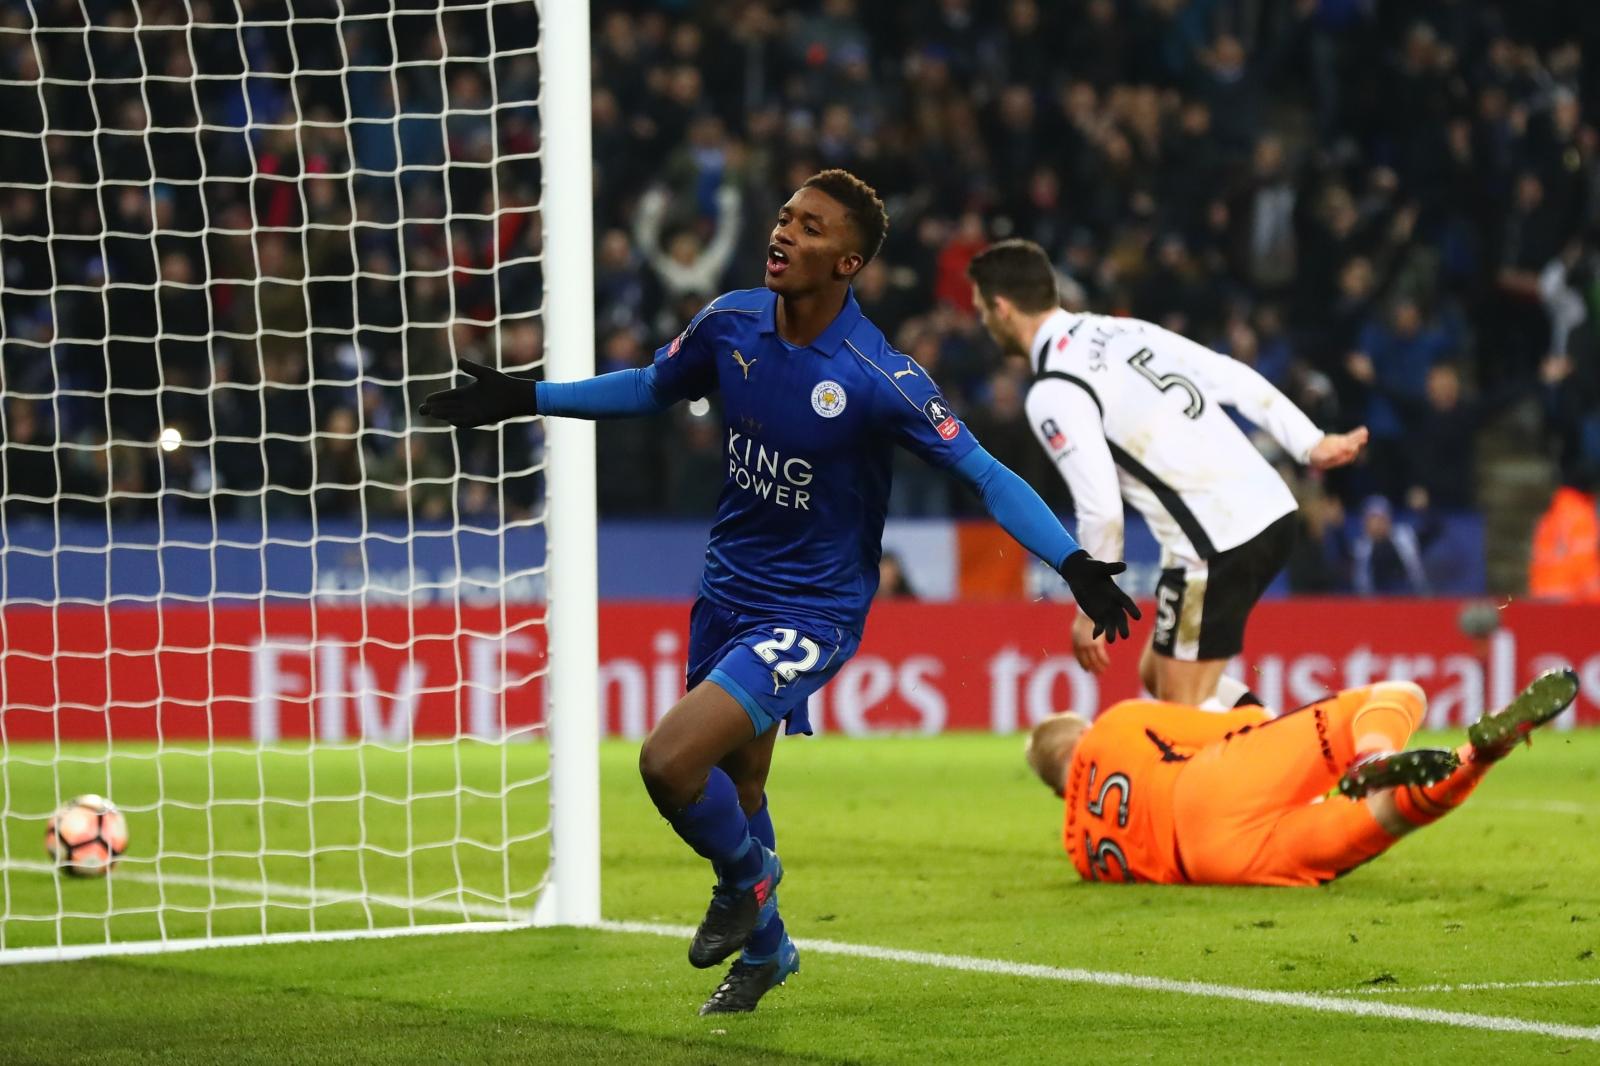 Liverpool monitoring Leicester's Demarai Gray as Jurgen Klopp plans for summer overhaul